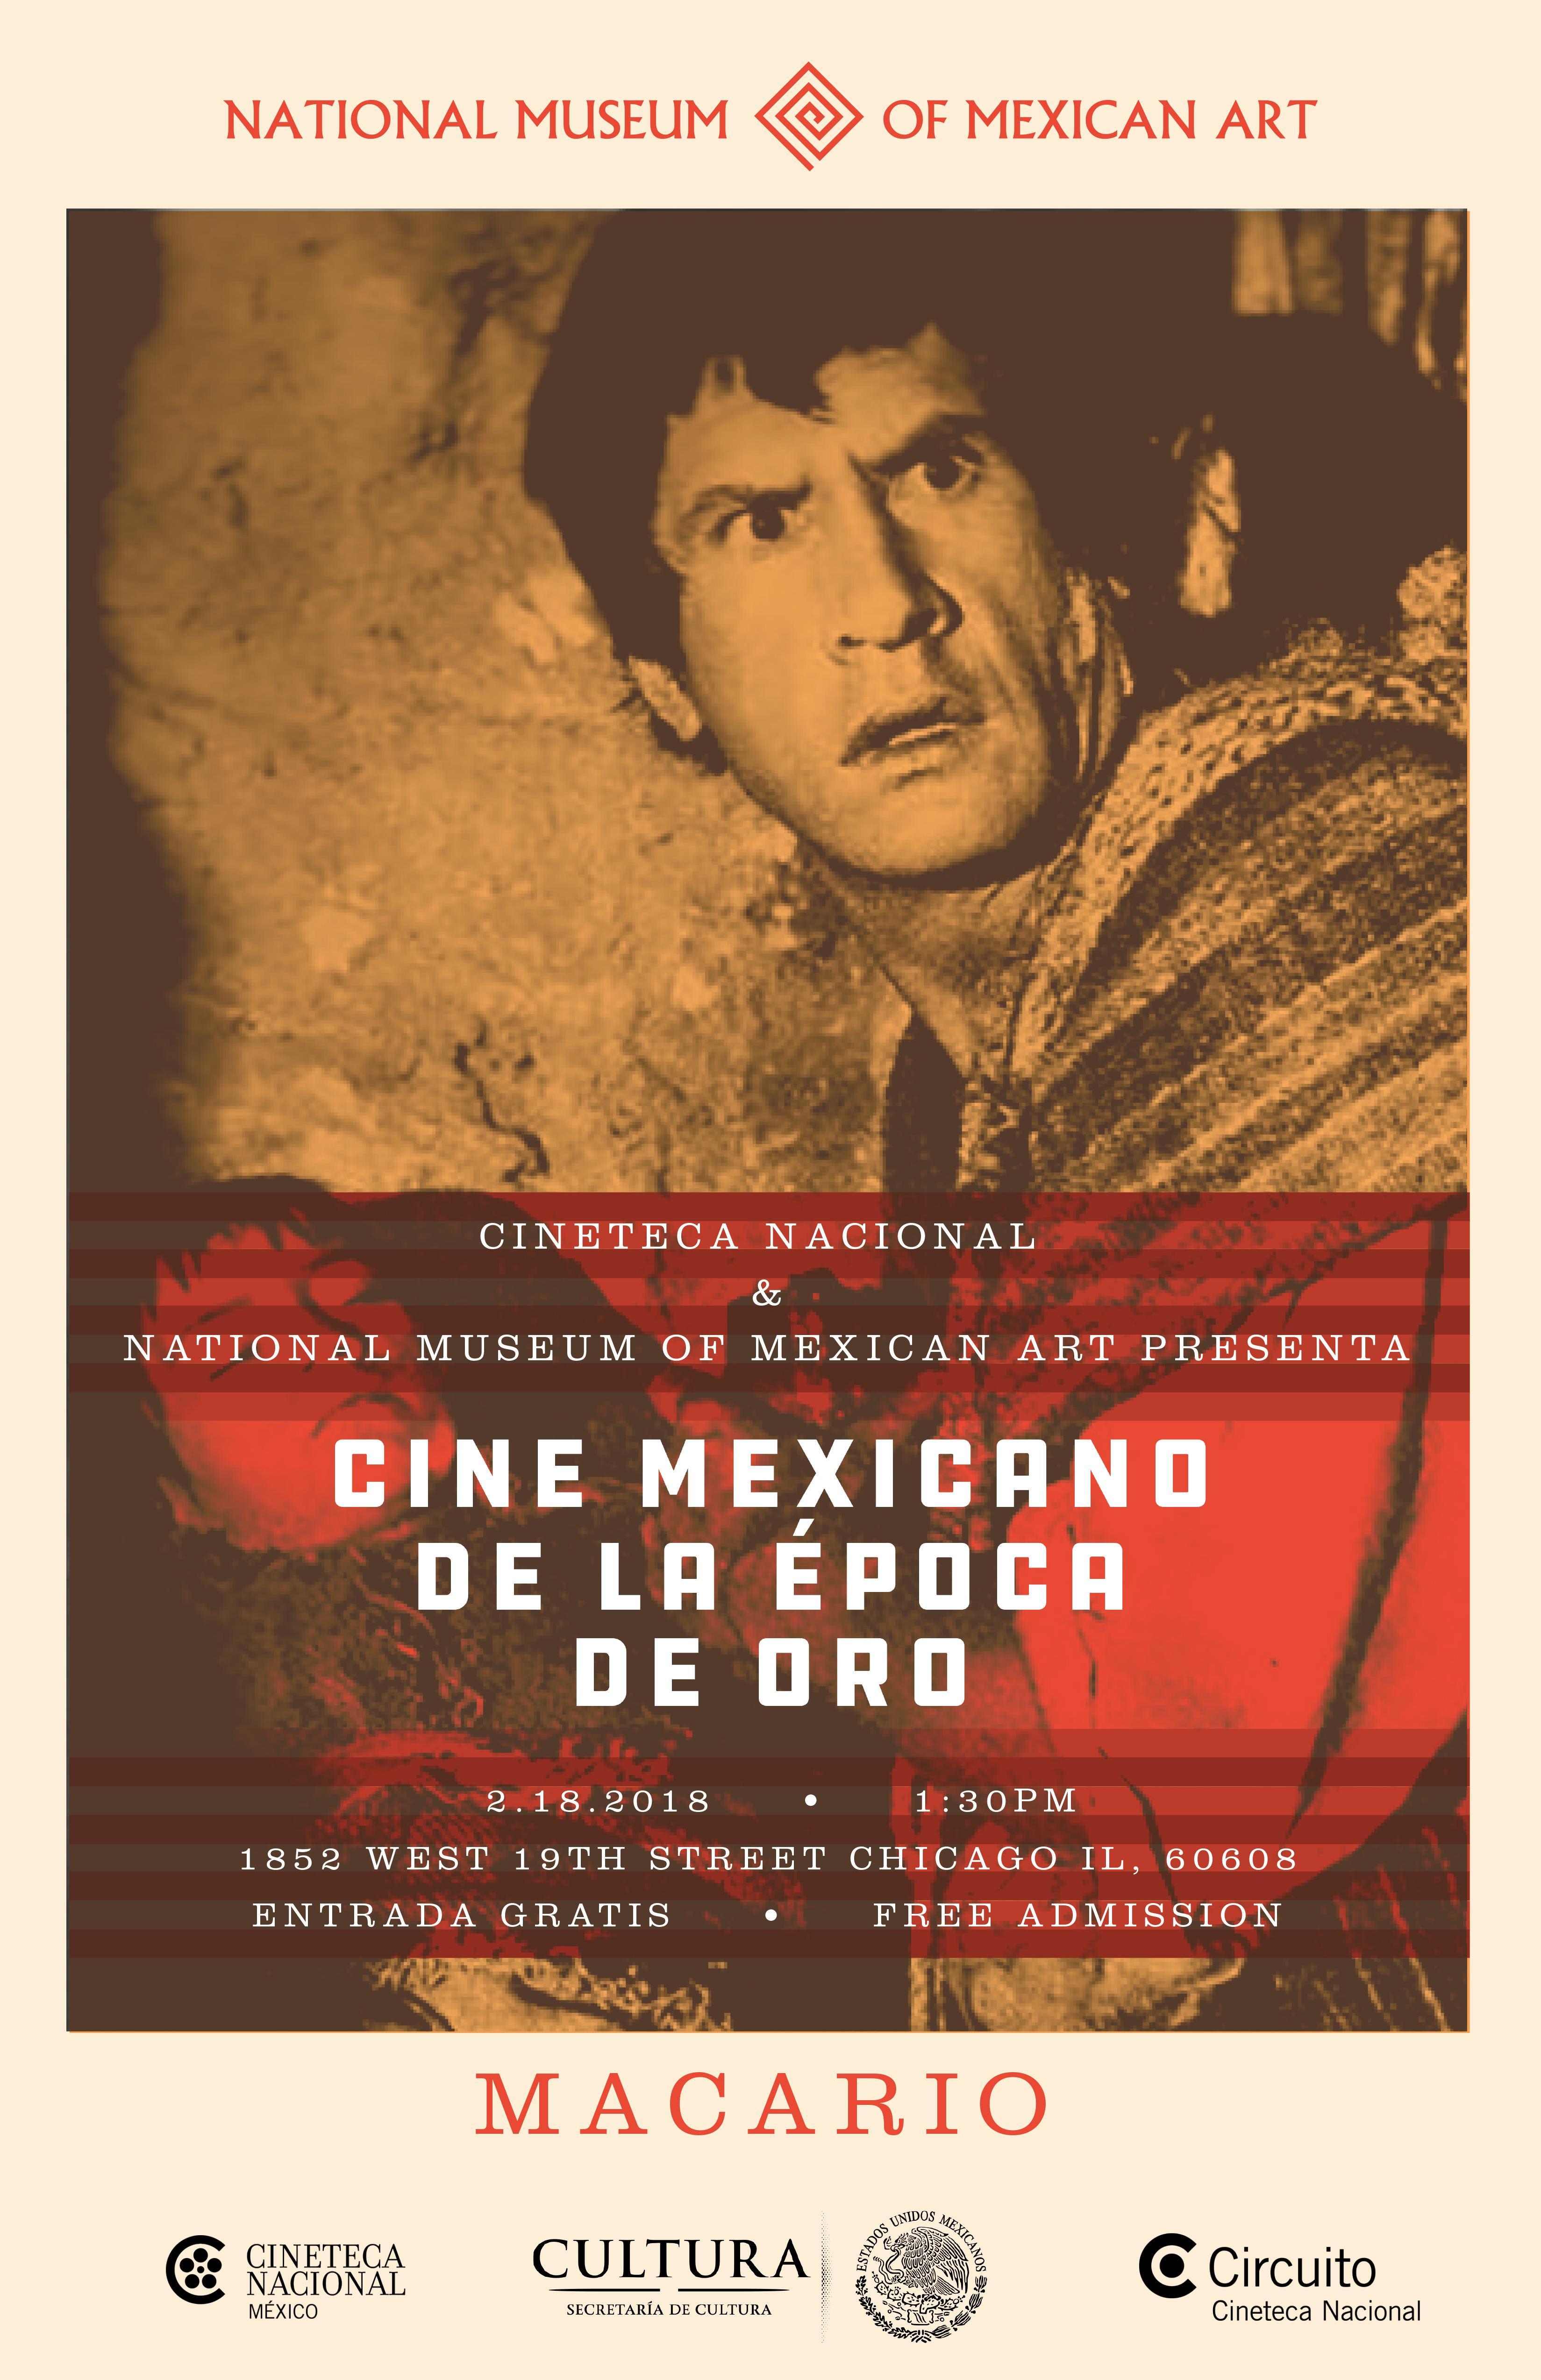 Cine Mexicano de la Época de Oro